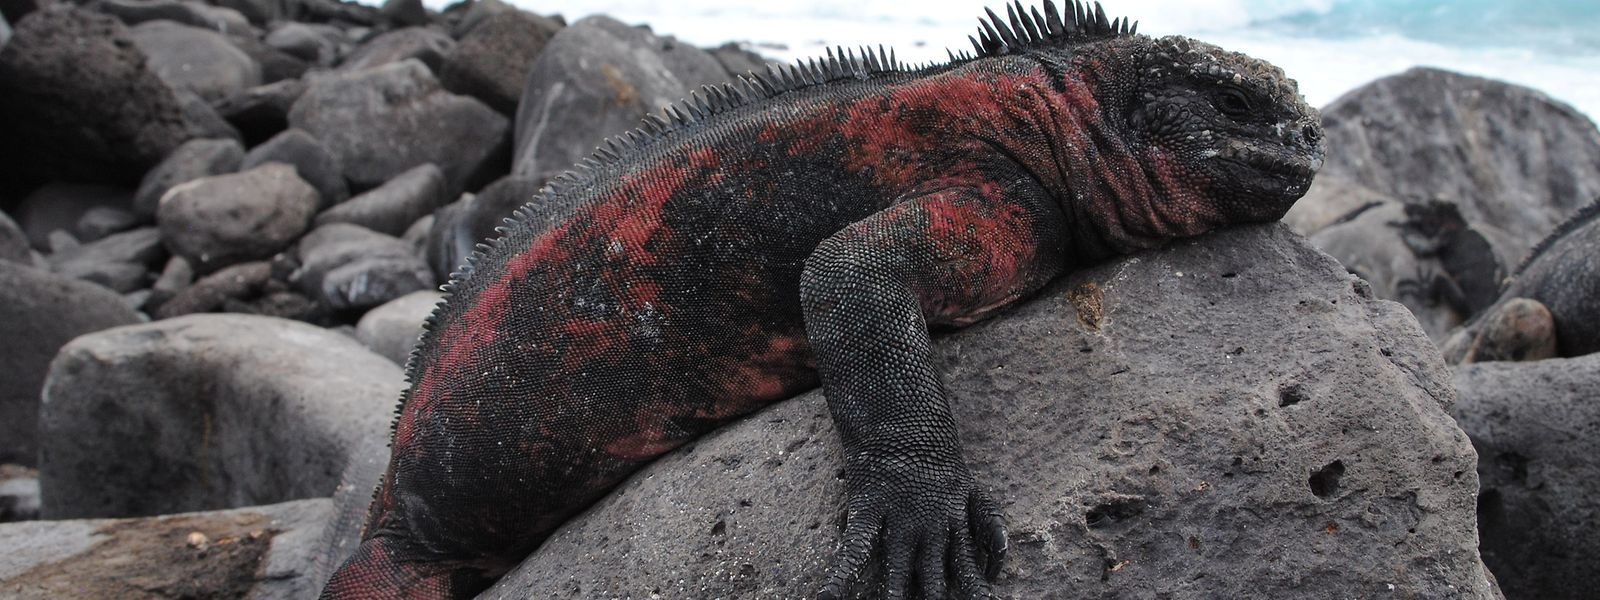 Immer noch sind die Galápagos-Inseln ein Paradies für Tiere, so wie die rot-schwarzen Meerechsen.